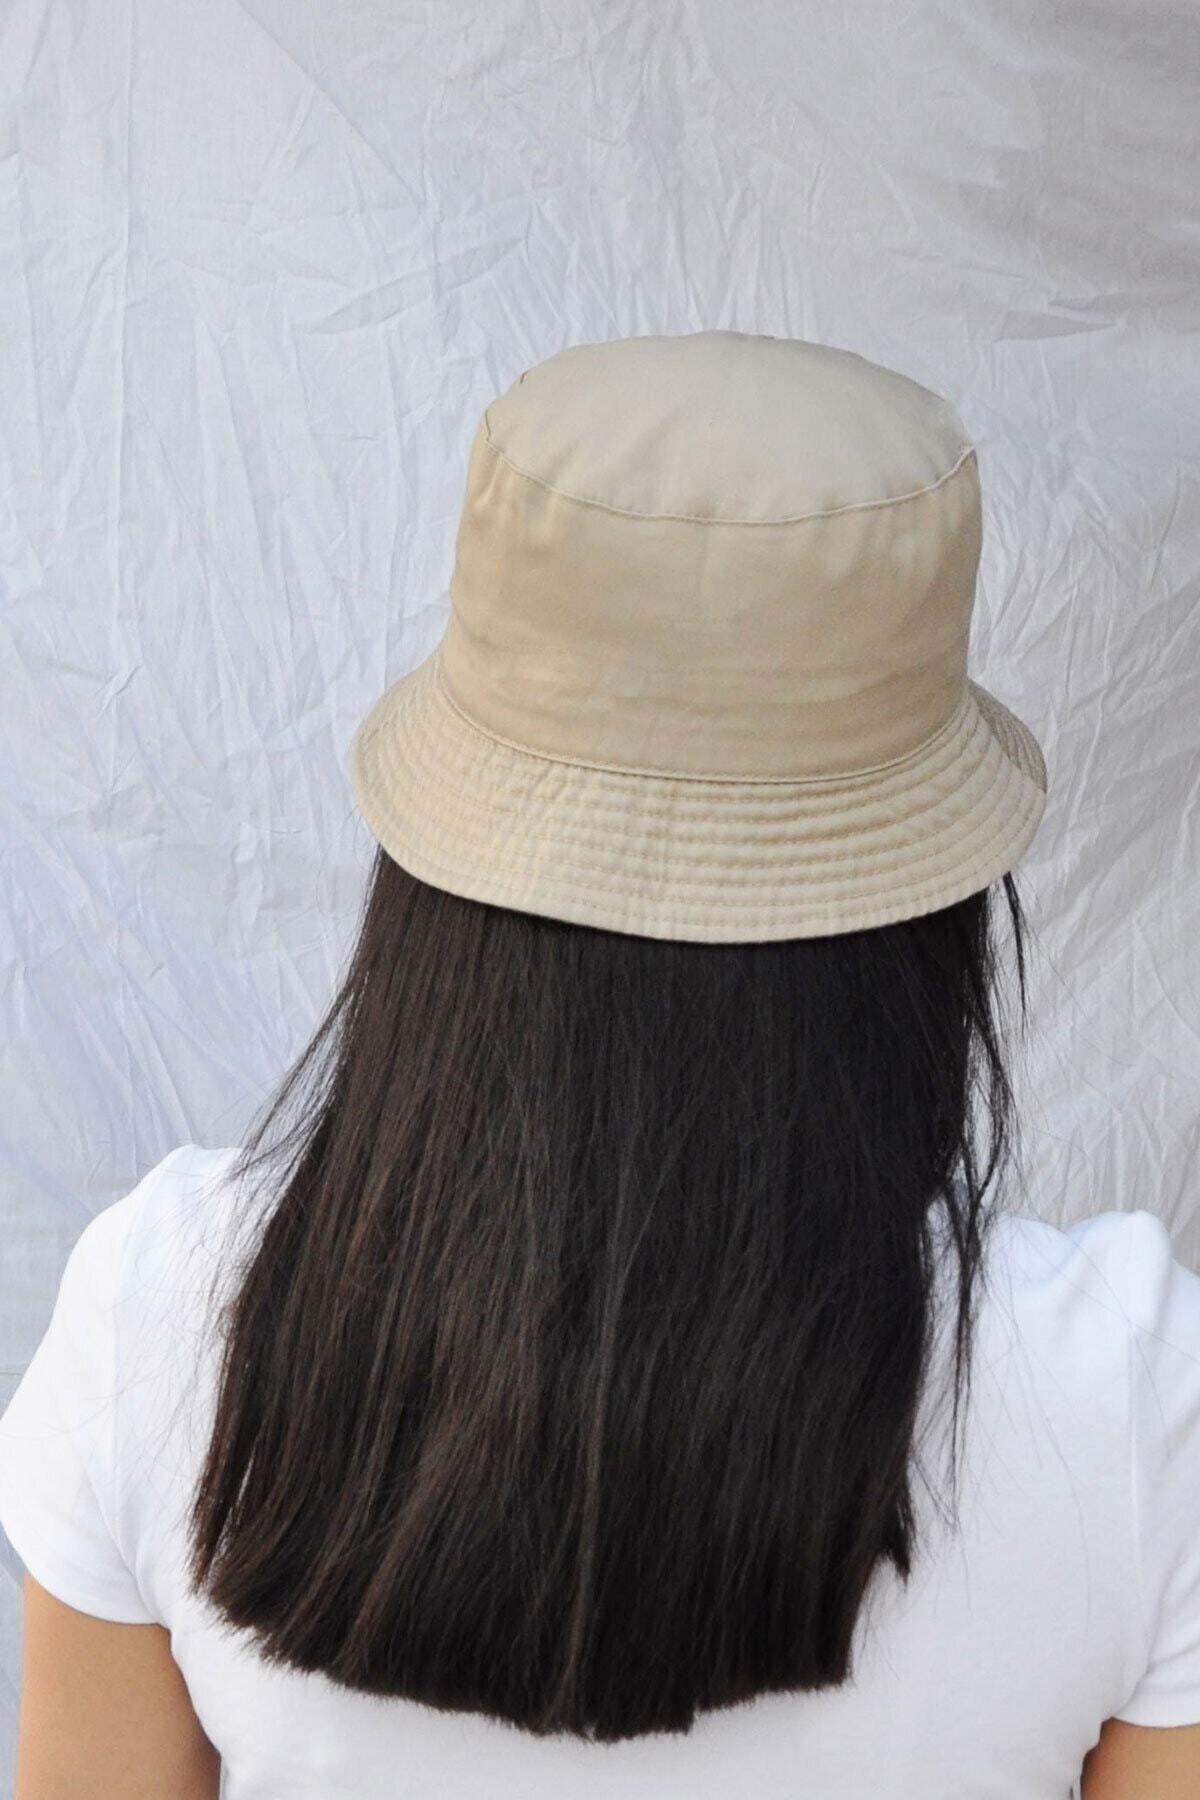 Bobigo Koyu Bej Kova Şapka Balıkçı Şapka Bucket Hat 2